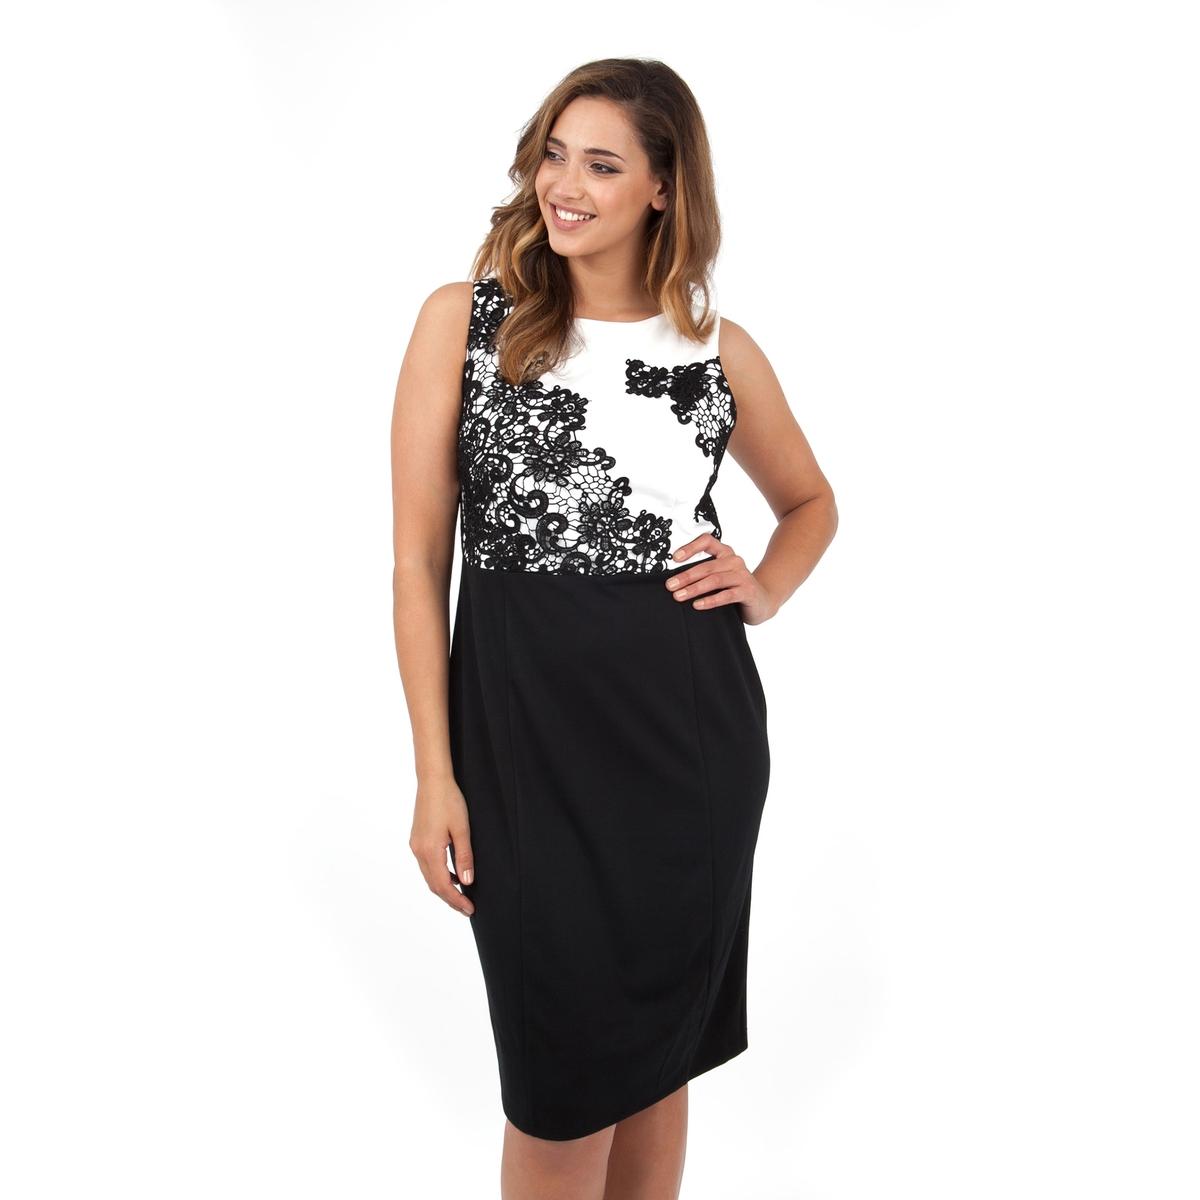 ПлатьеПлатье без рукавов - KOKO BY KOKO. Кружевные вставки сверху. Длина ок.104 см. 100% полиэстера.<br><br>Цвет: черный